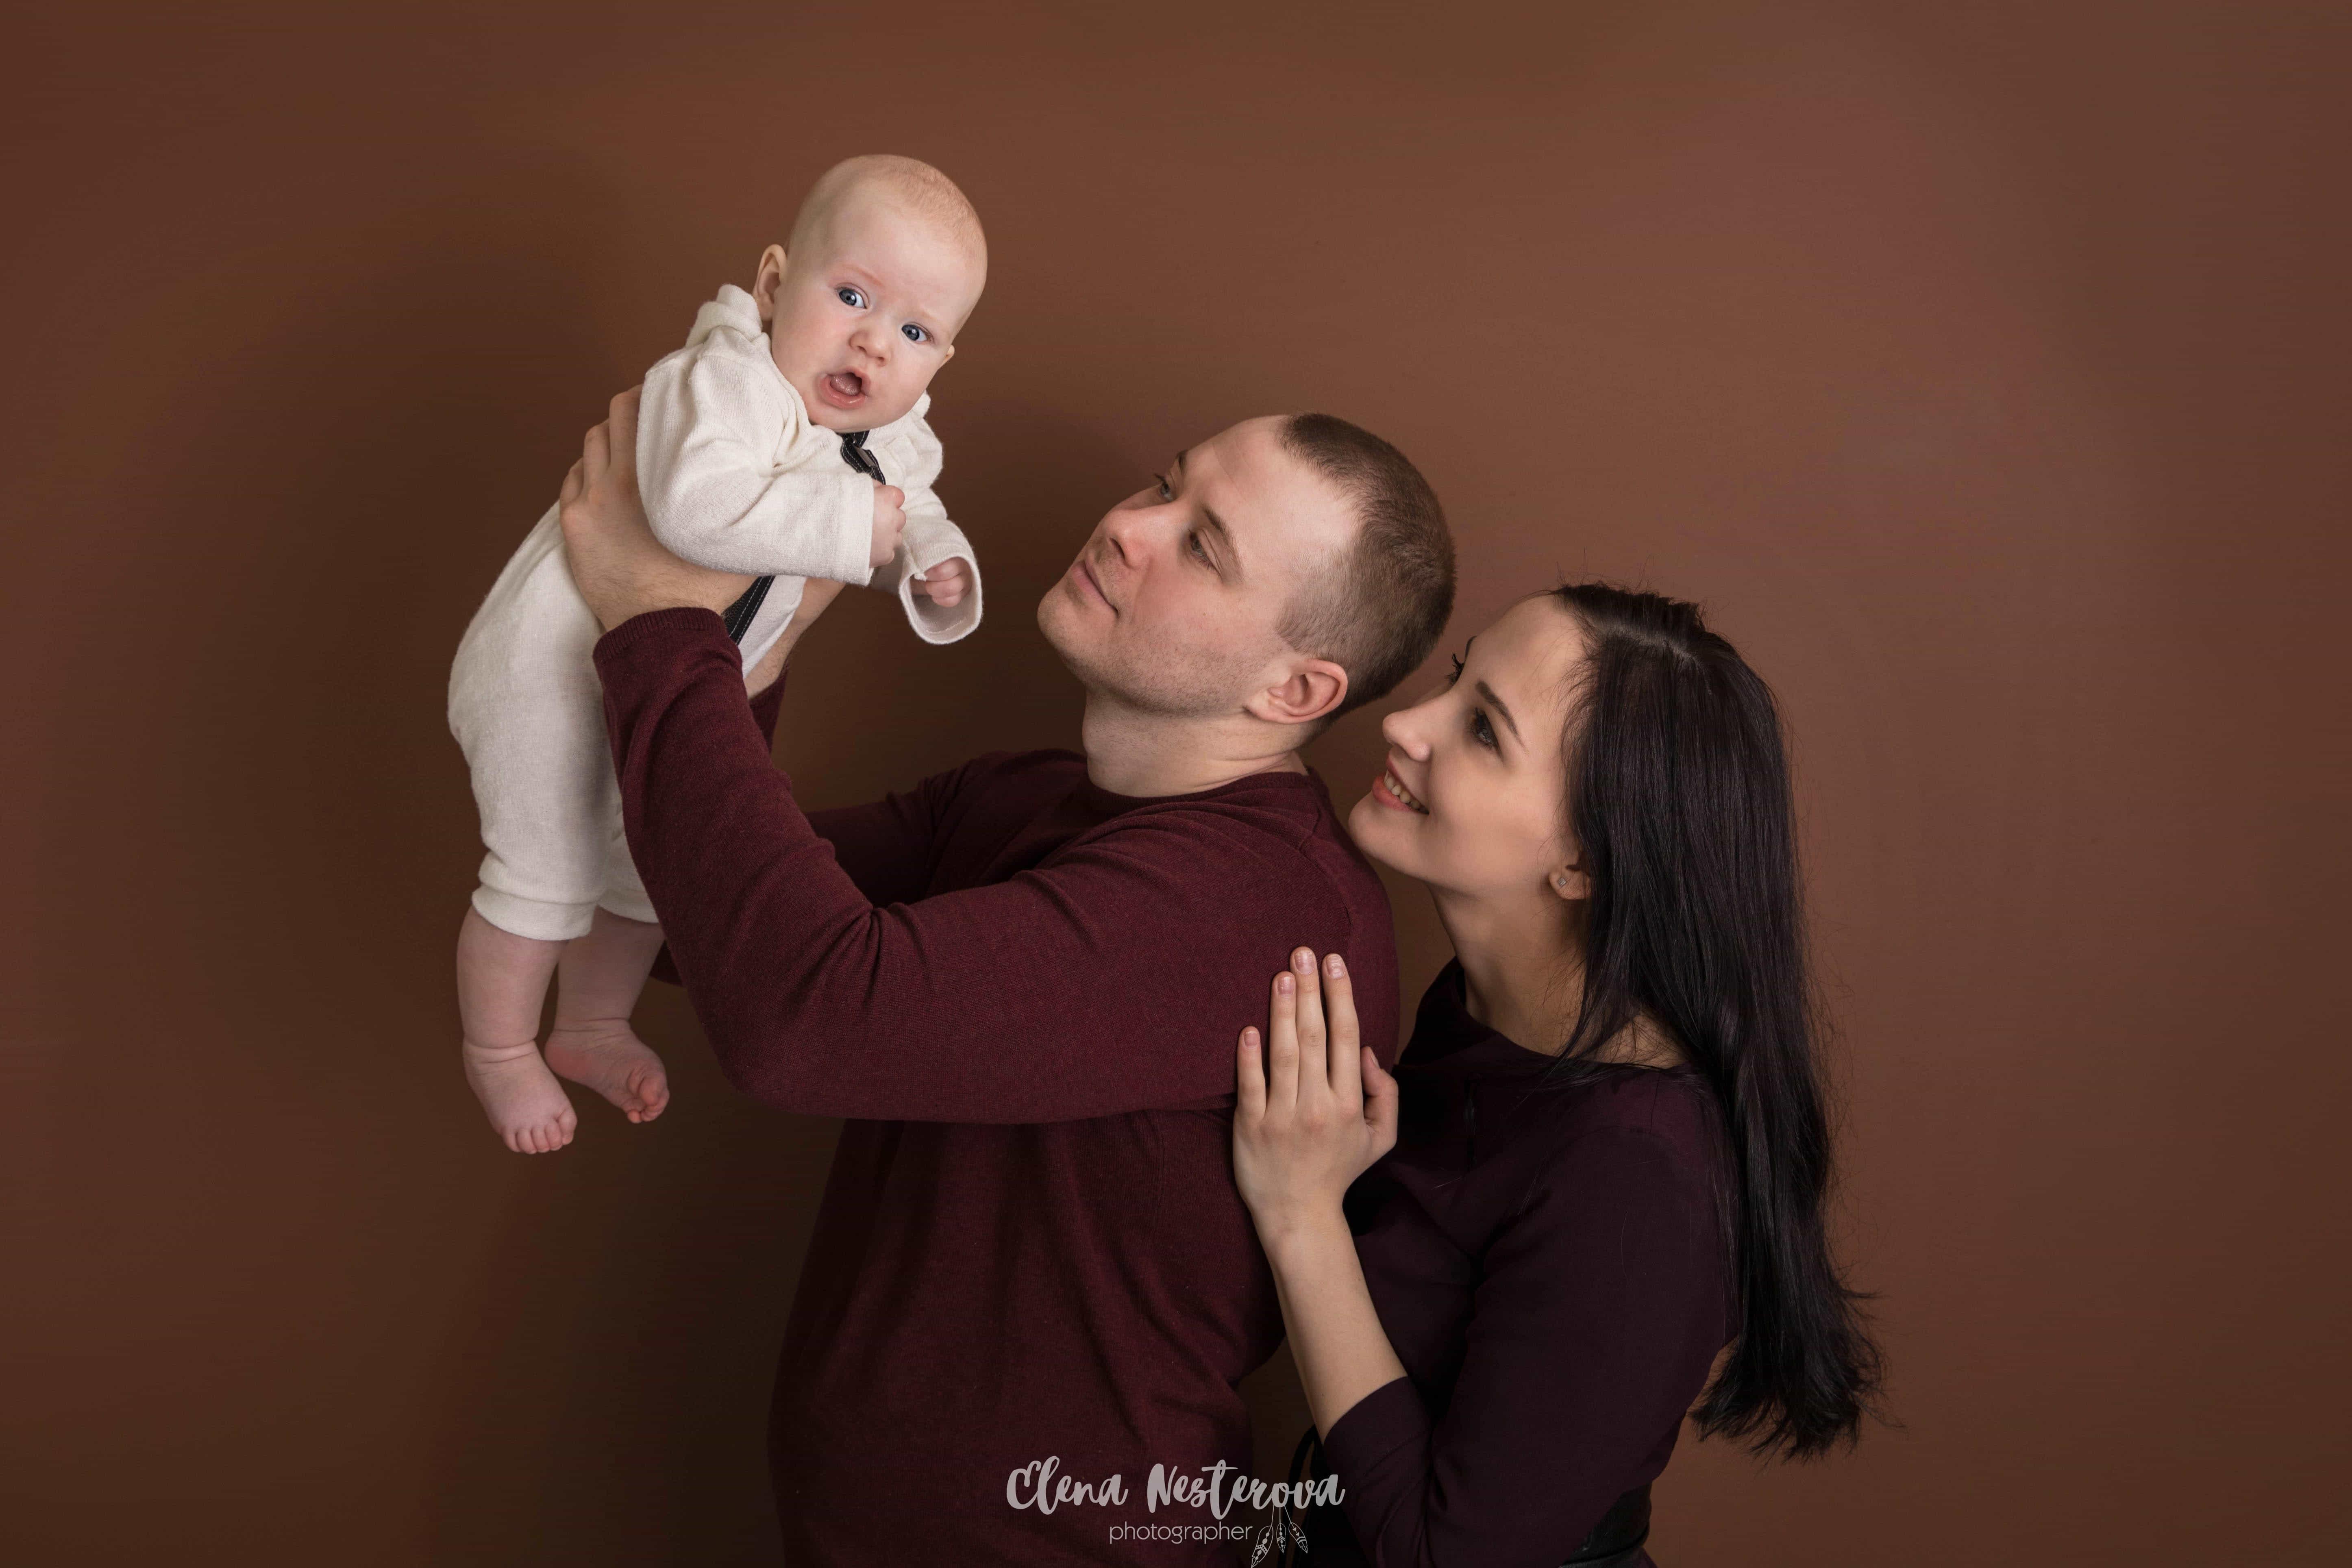 Фотосессия мама с новорожденным ребенком в студии